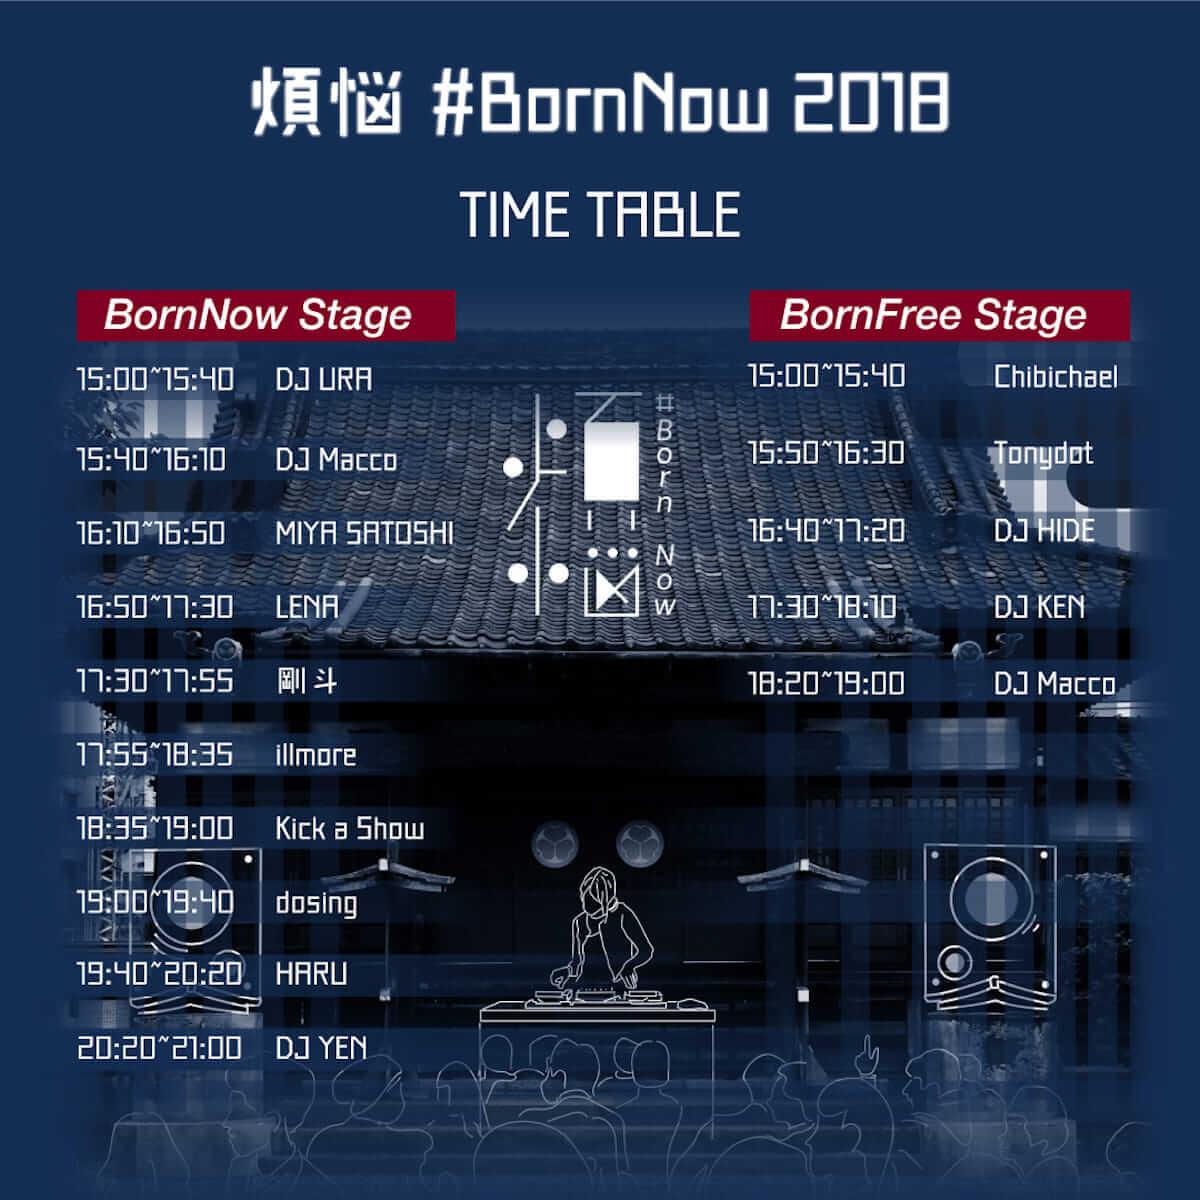 寺×HIPHOP!?チルでホットな新感覚カルチャーフェス「煩悩 #BornNow 2018」は7月21日に開催!!! music180710_bornnow-2-1200x1200